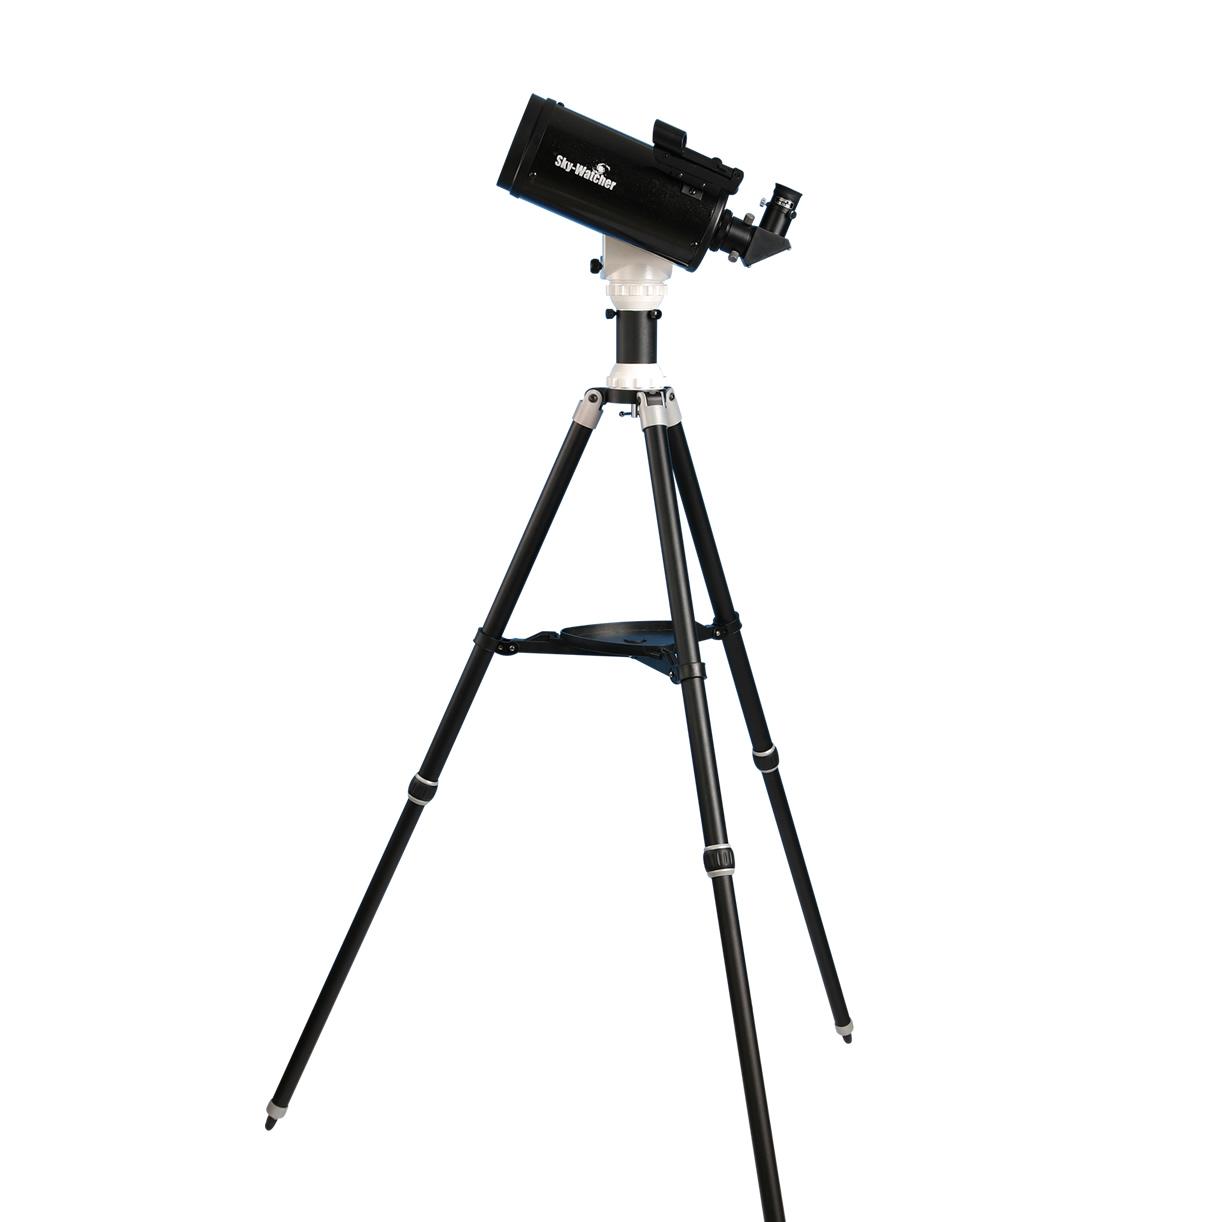 Skywatcher 102mm AZ-GTe Maksutov Cassegrain